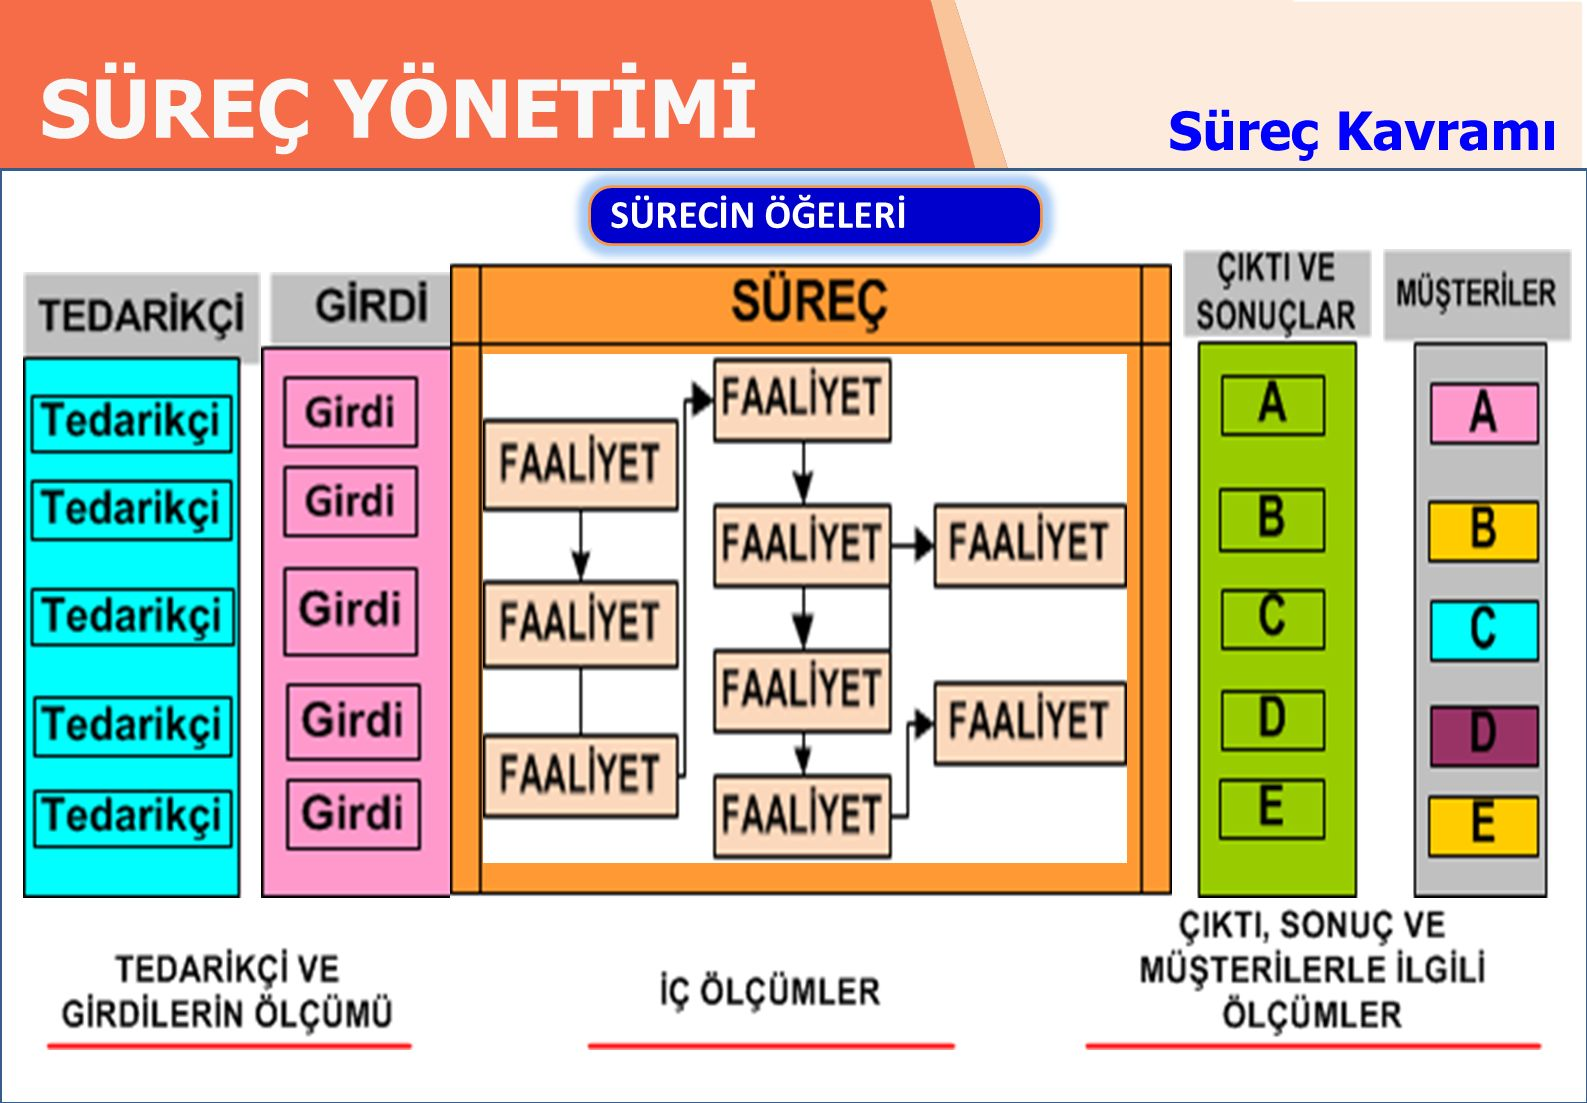 RADAR EĞİTİM DANIŞMANLIK SÜREÇ YÖNETİMİ 9 radardanismanlik.com.tr Süreç Kavramı SÜRECİN ÖĞELERİ.